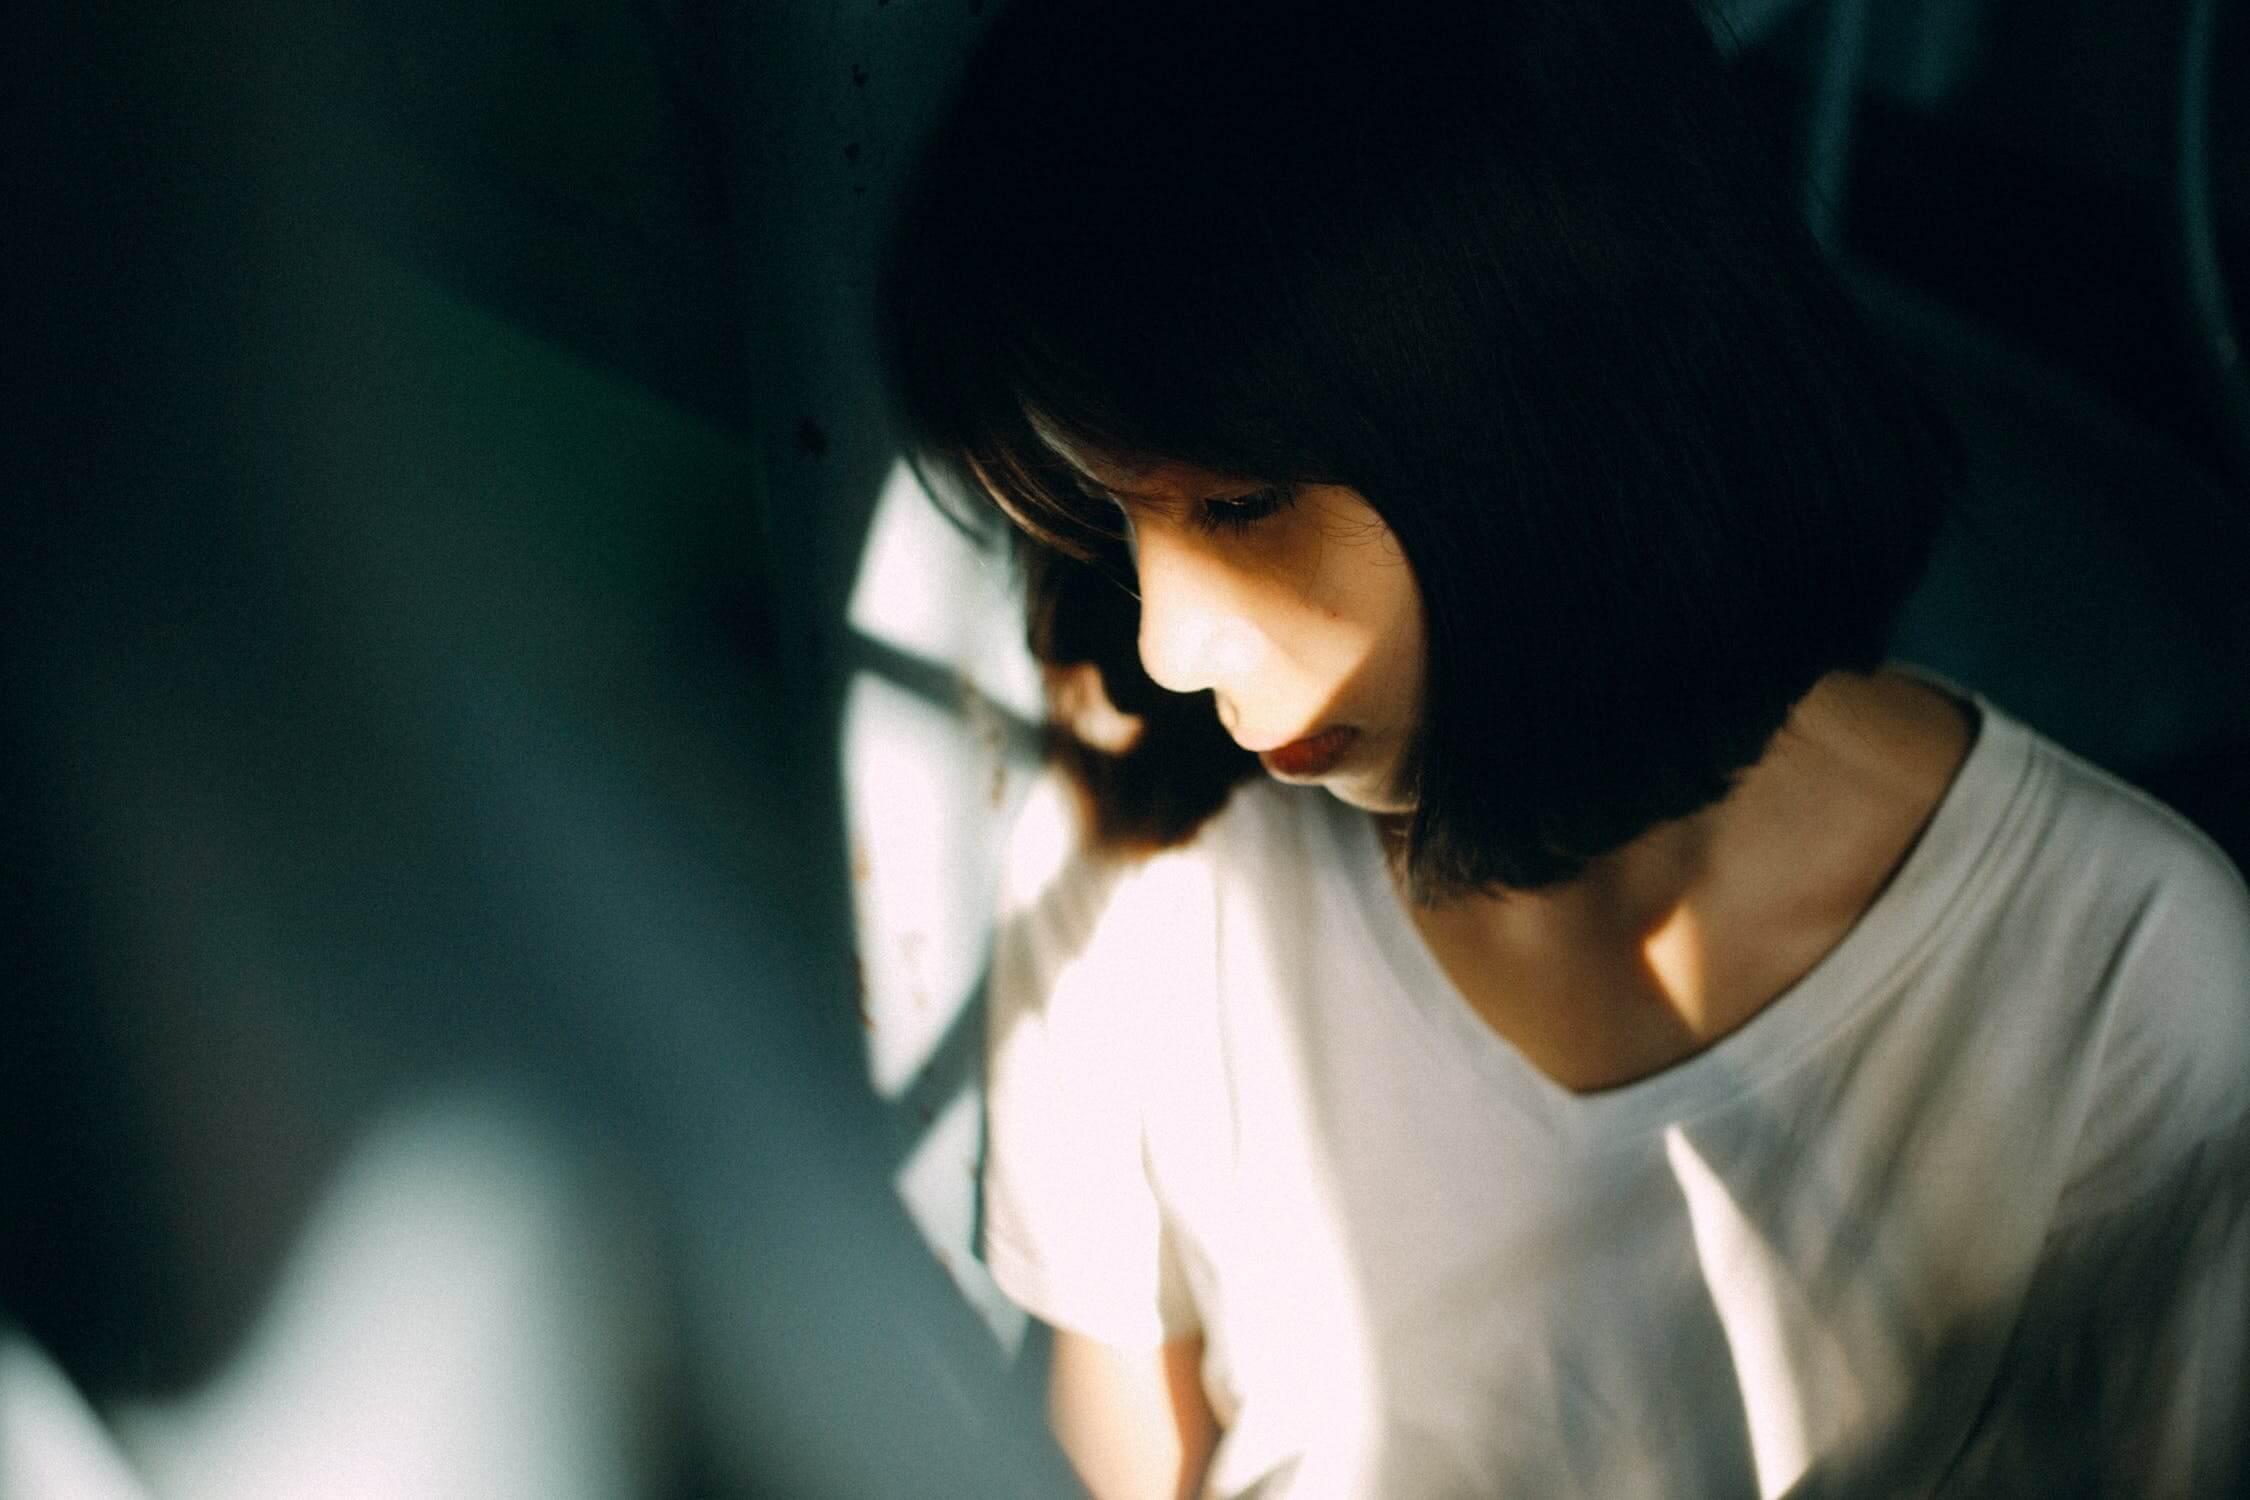 人生是把悲伤的钥匙